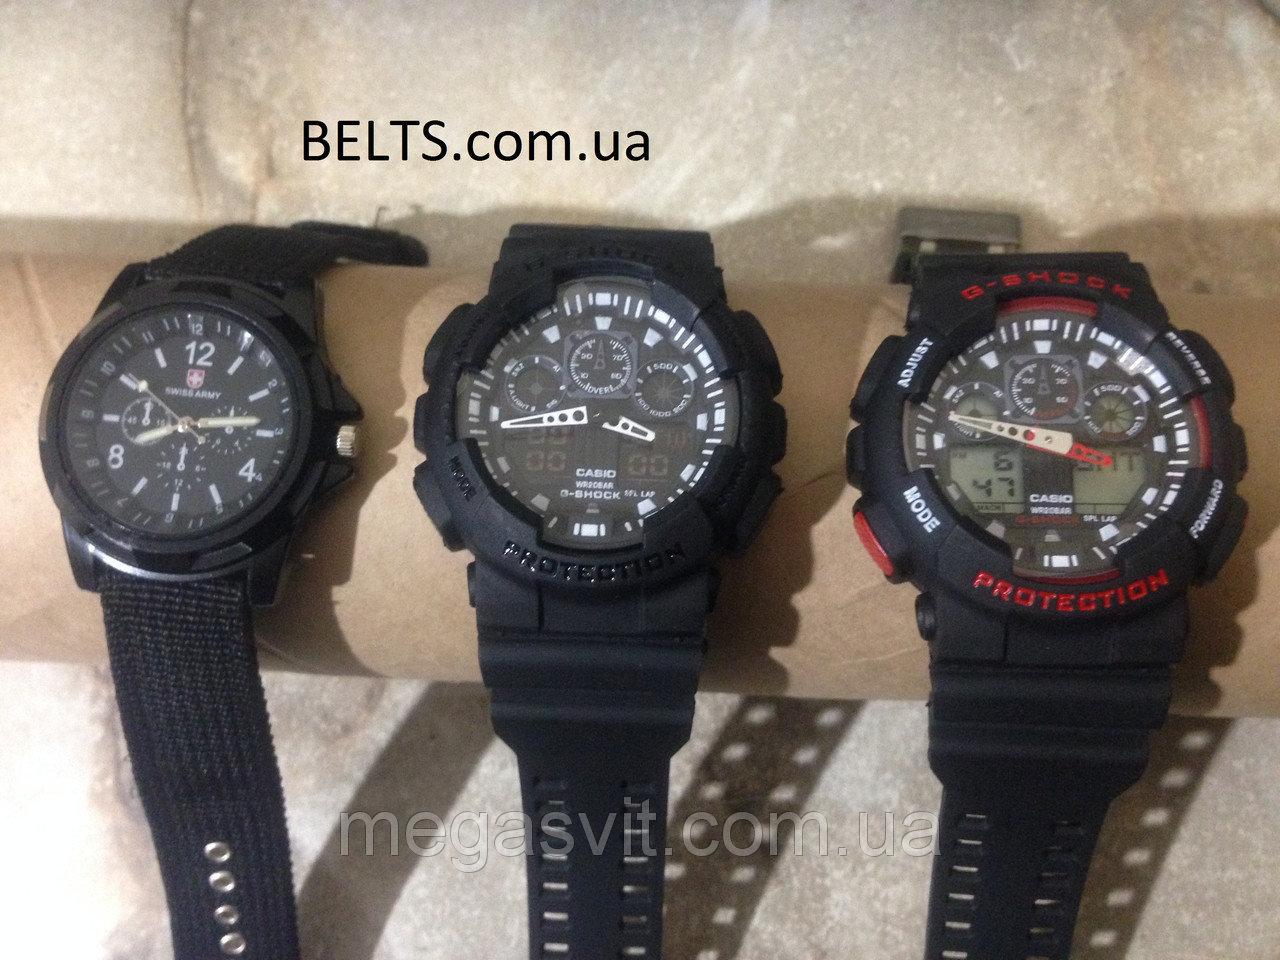 Спортивний чоловічий годинник Casio G - Shock - чорно-червоні ціна ... ac7f65b2a12ab